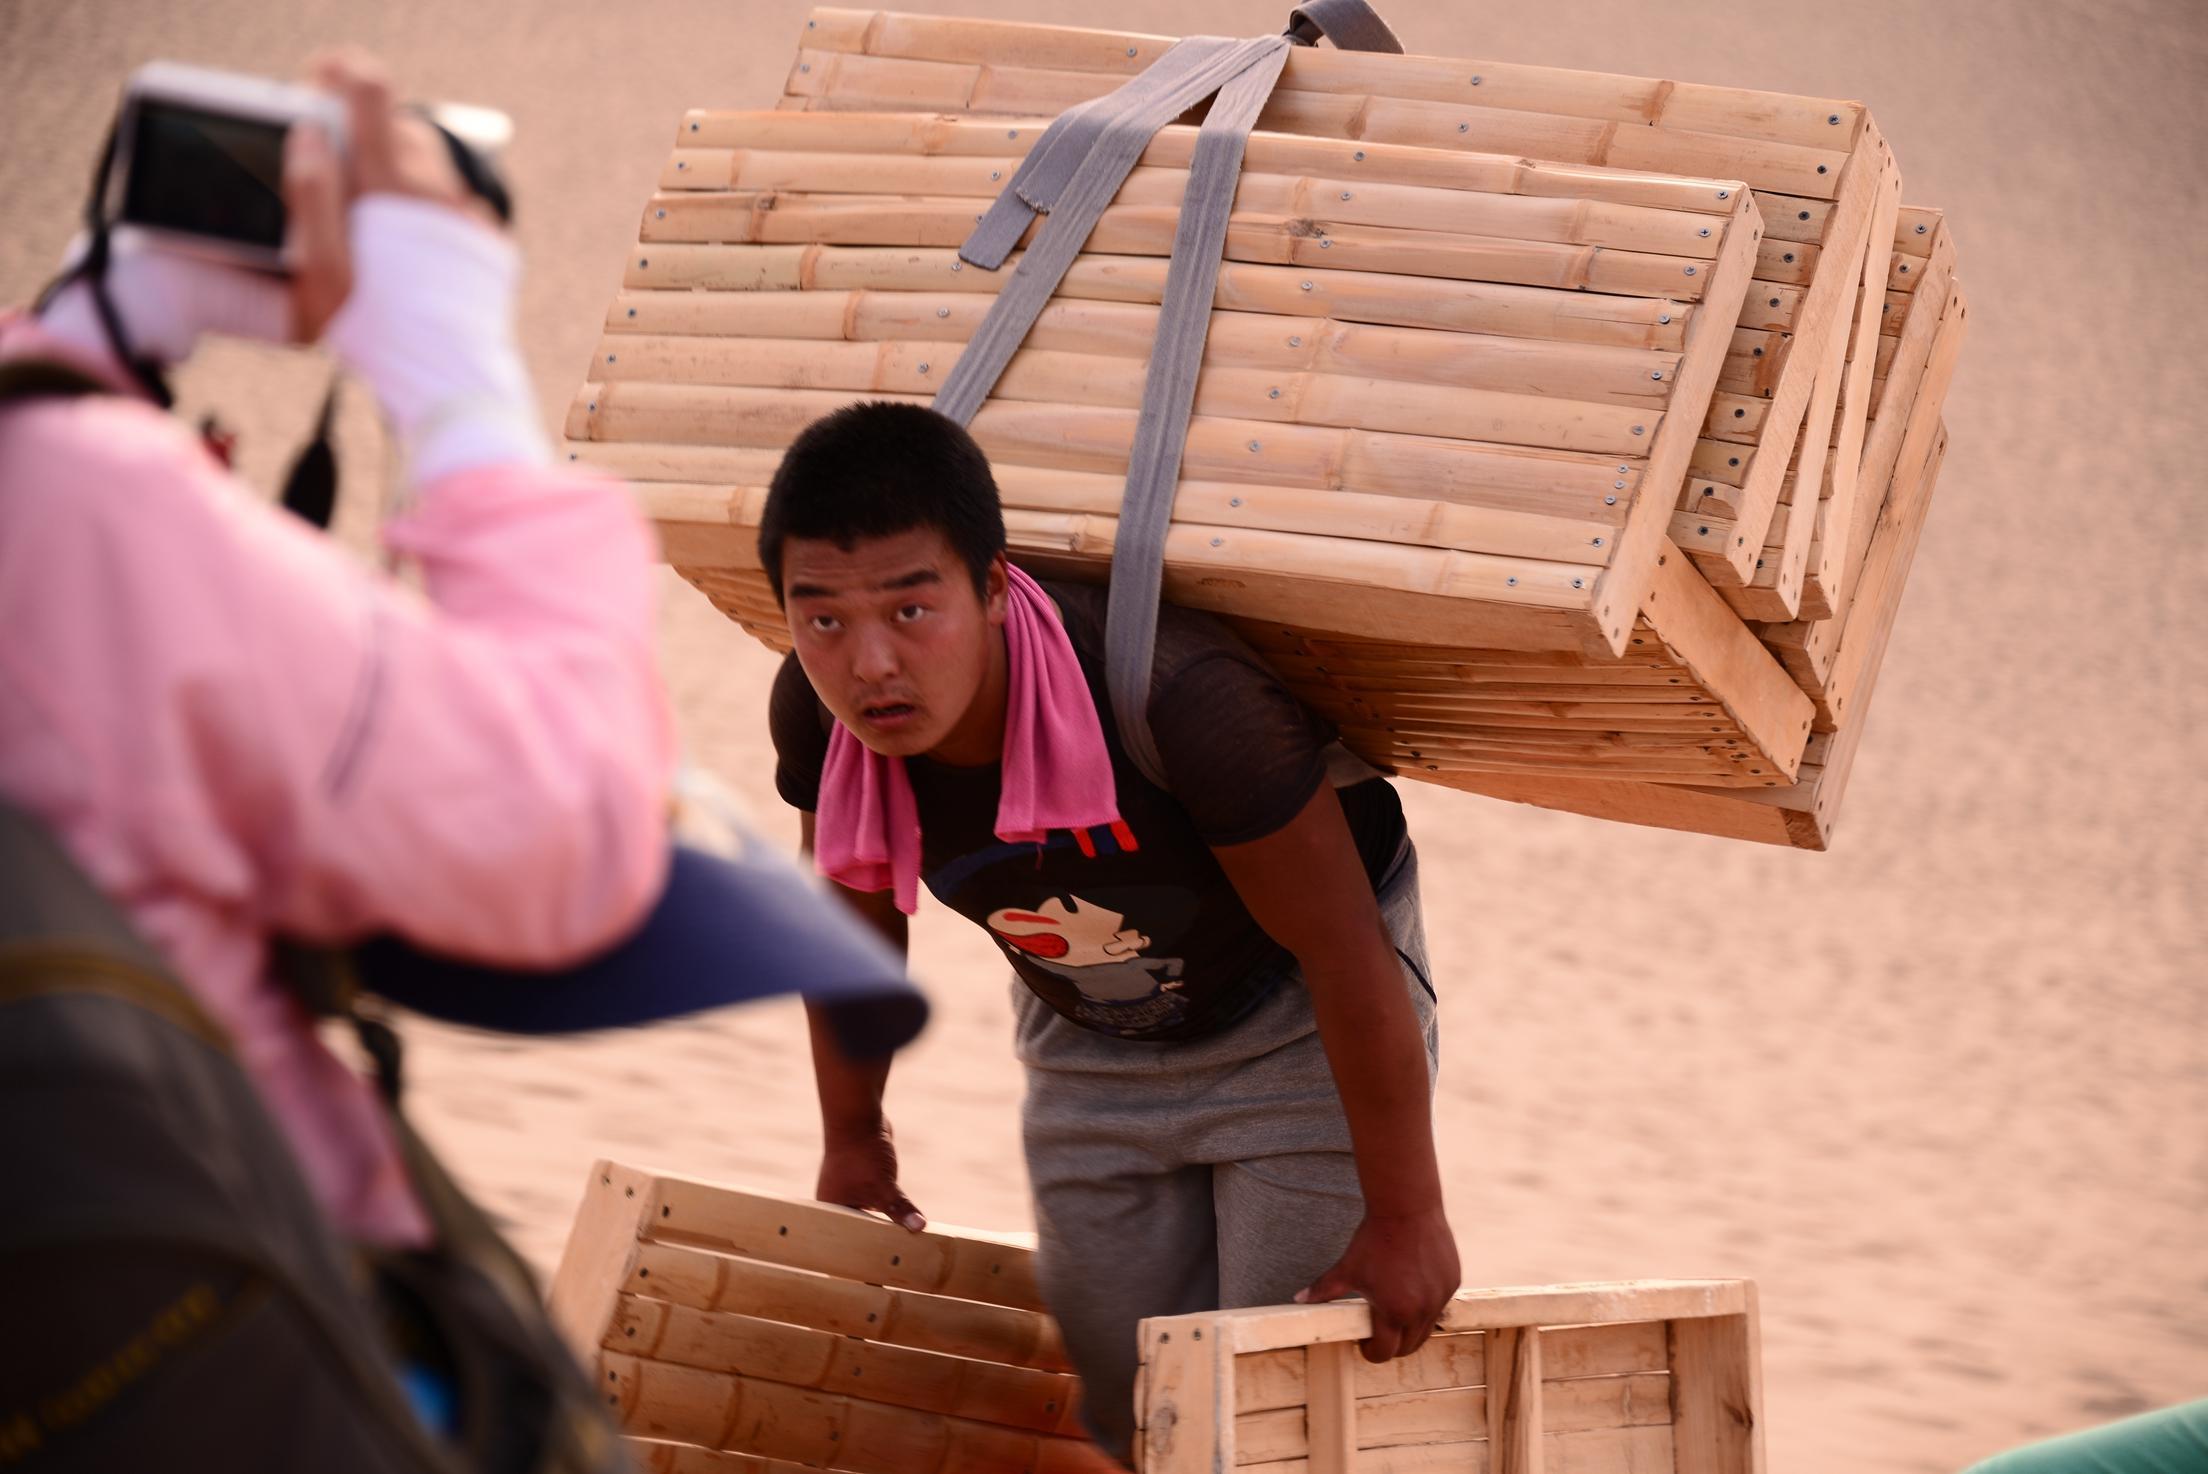 月牙泉脚夫每天给游客背100斤滑沙竹板上山近百趟